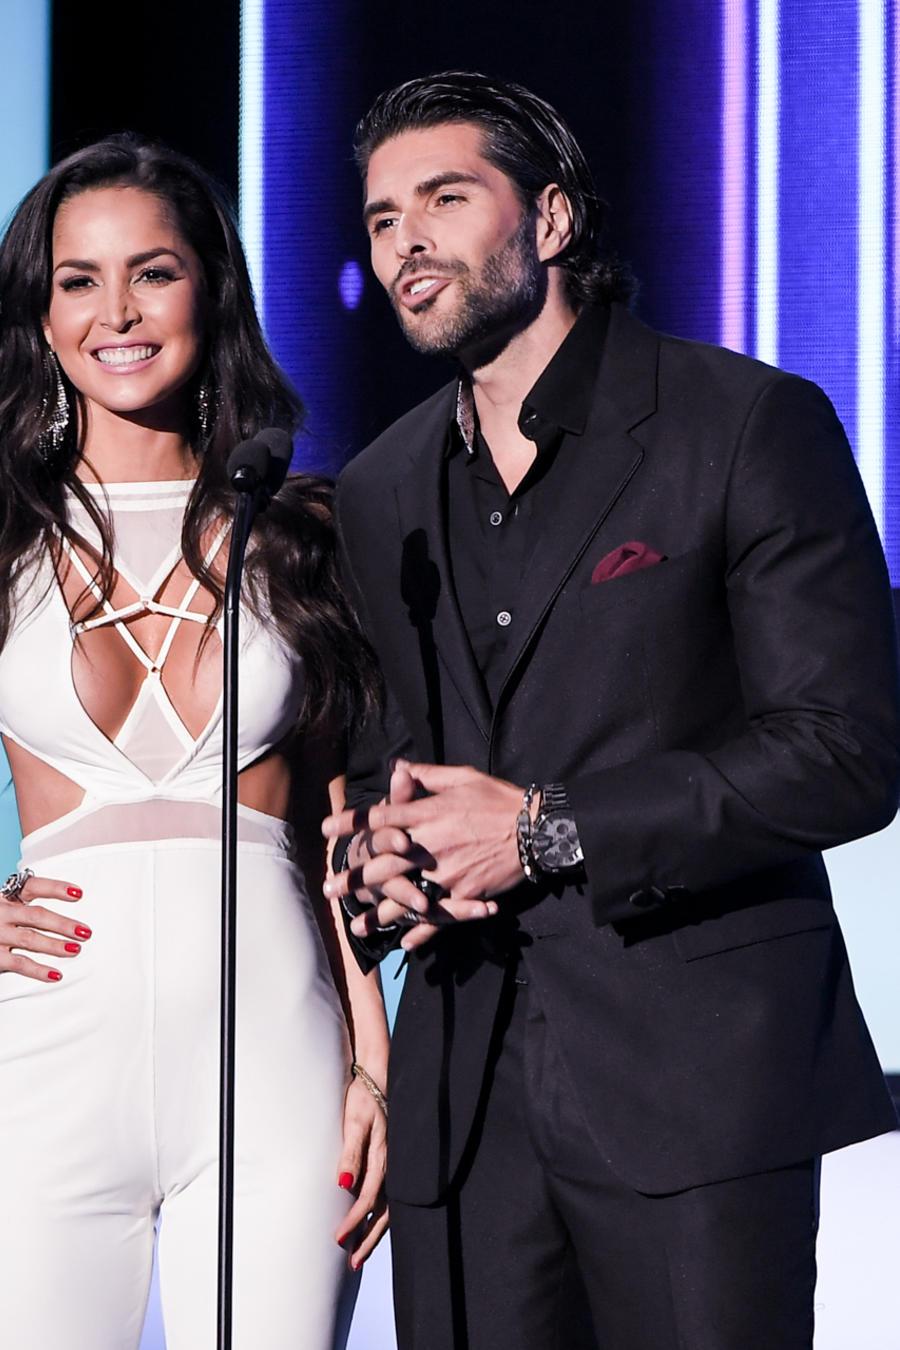 Carmen Villalosbos y Juan Pablo Llano, presentadores, Premios Tu Mundo 2016